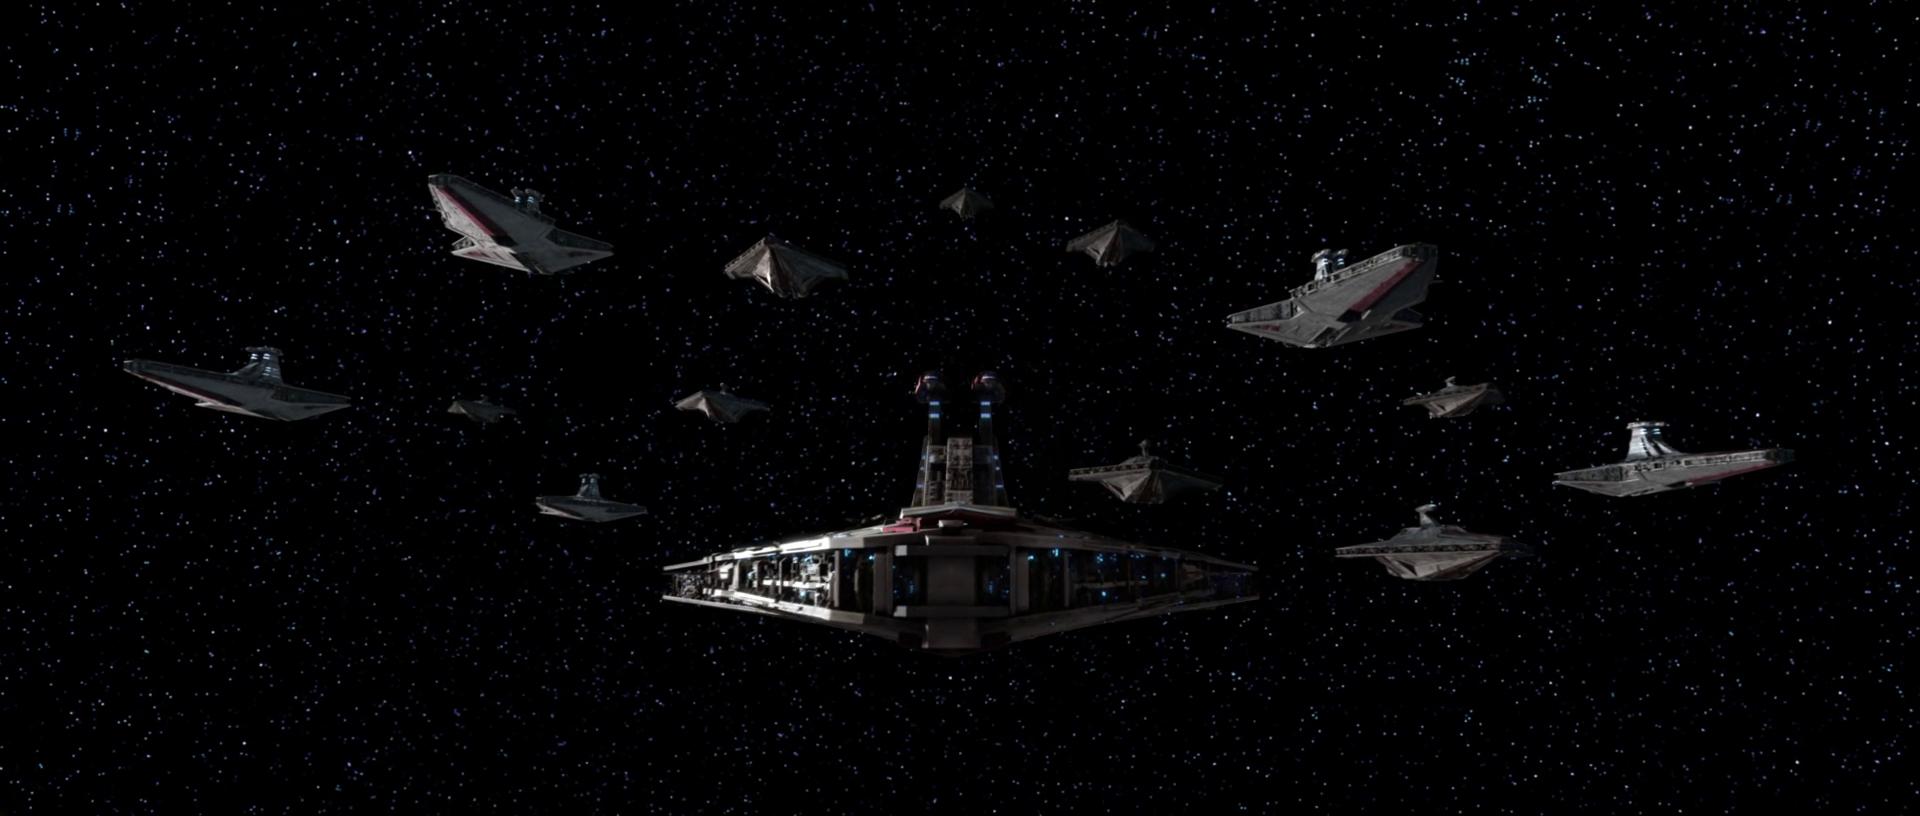 Republicinvasionforce Lapr